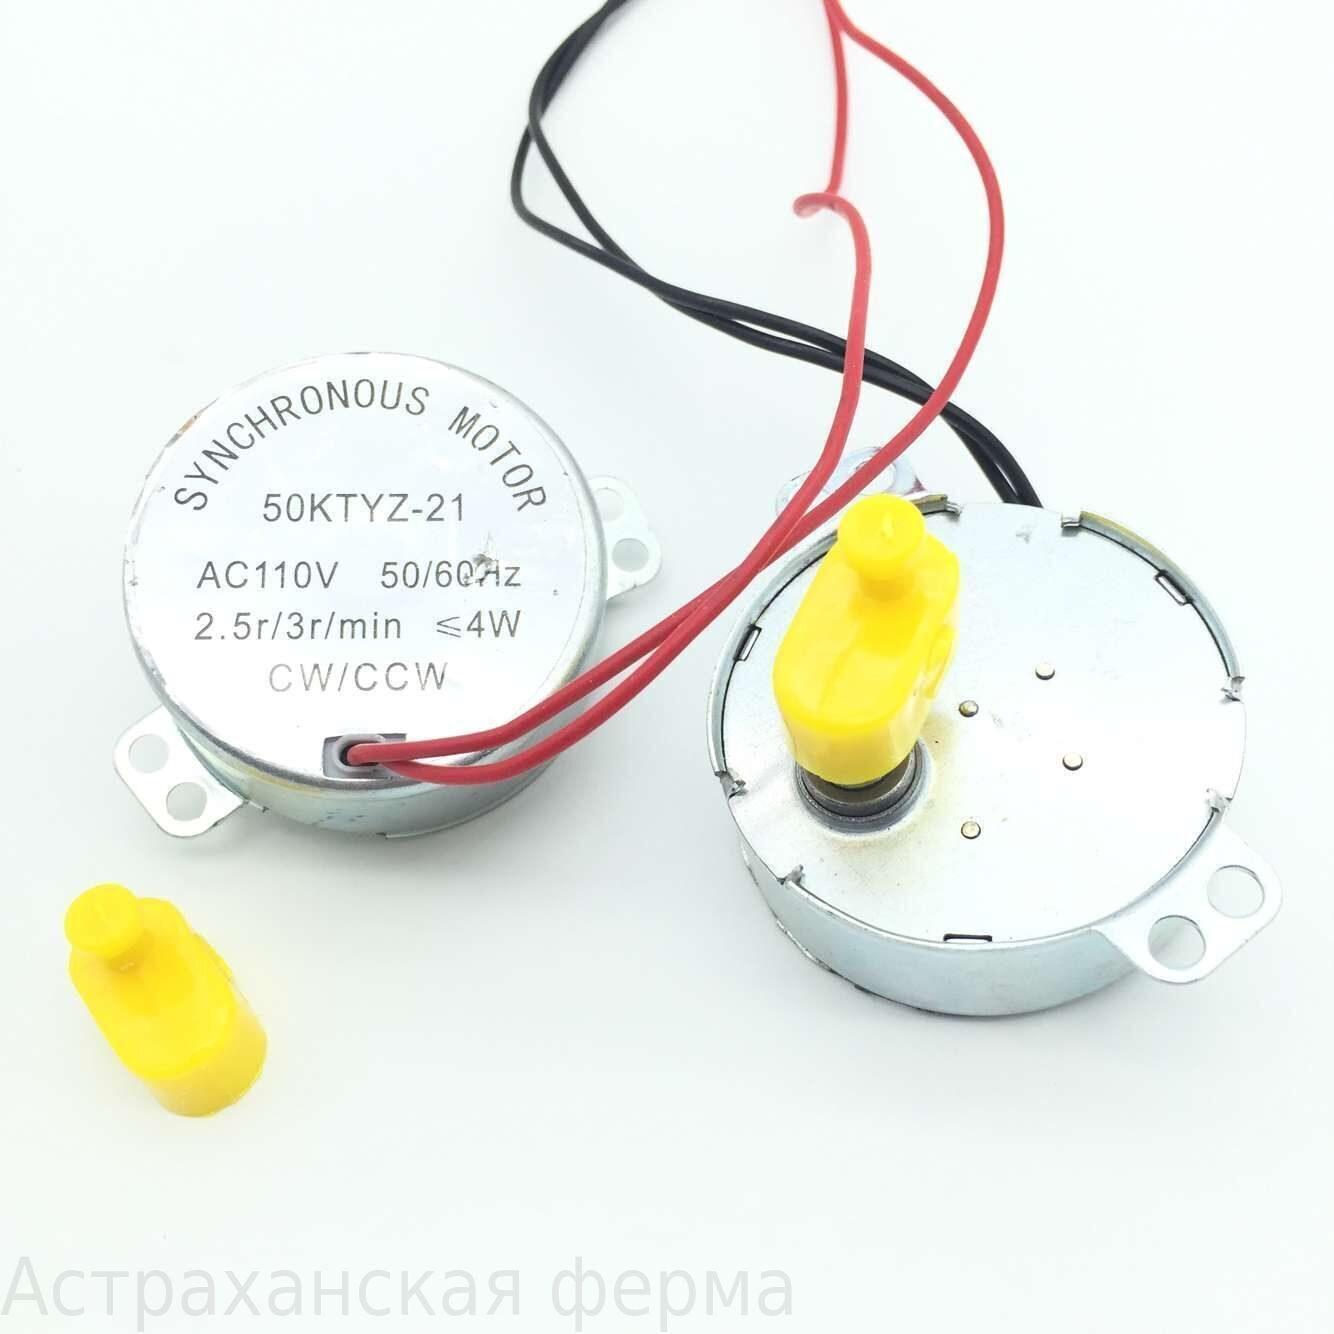 Мотор для инкубатора, двигатель для переворота яиц 2,5-3 об./мин